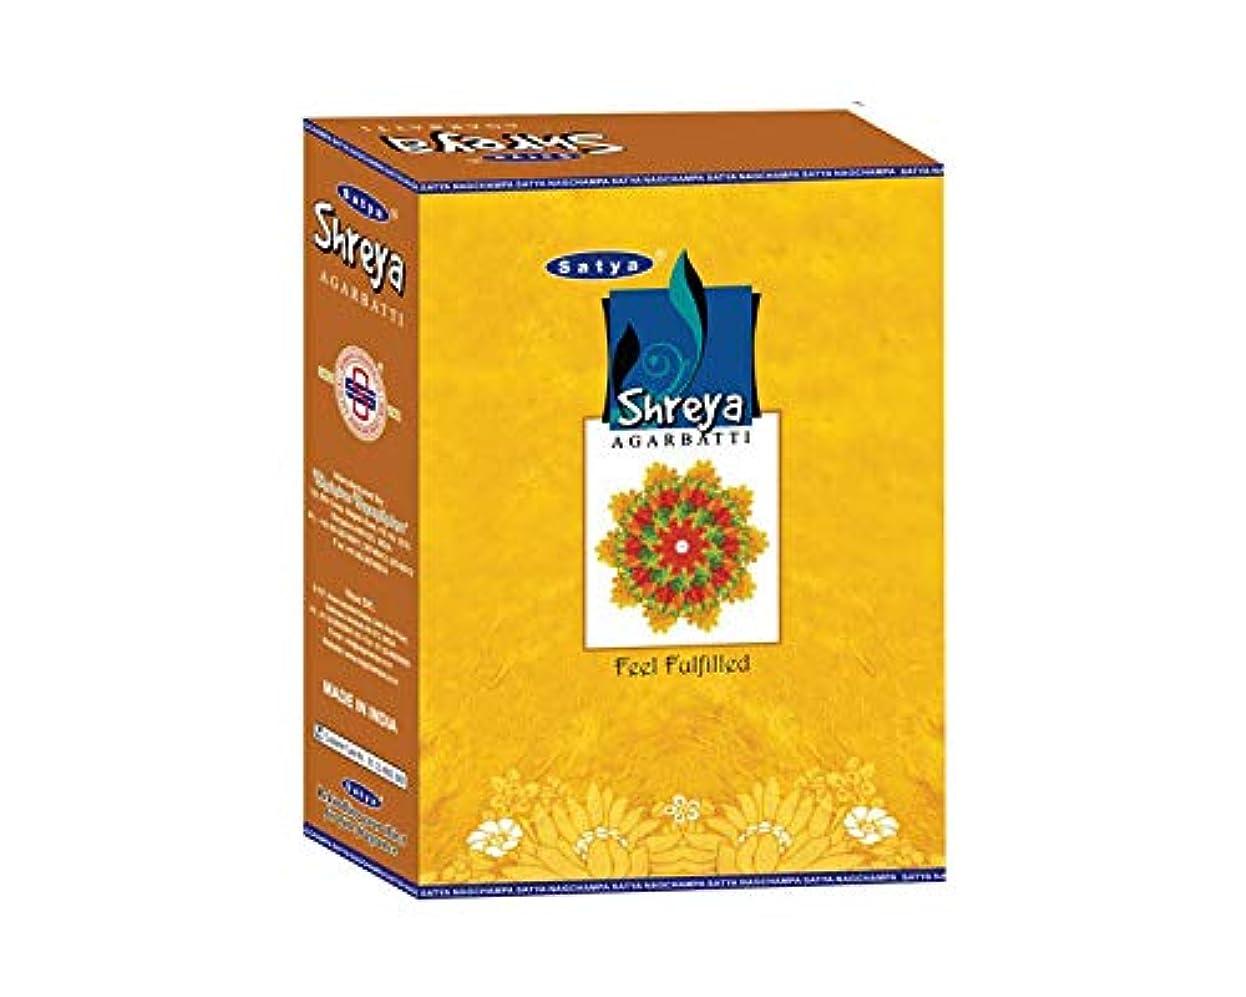 タービン写真撮影並外れてSatya Shreya Incense Sticksボックス240 gmsボックス